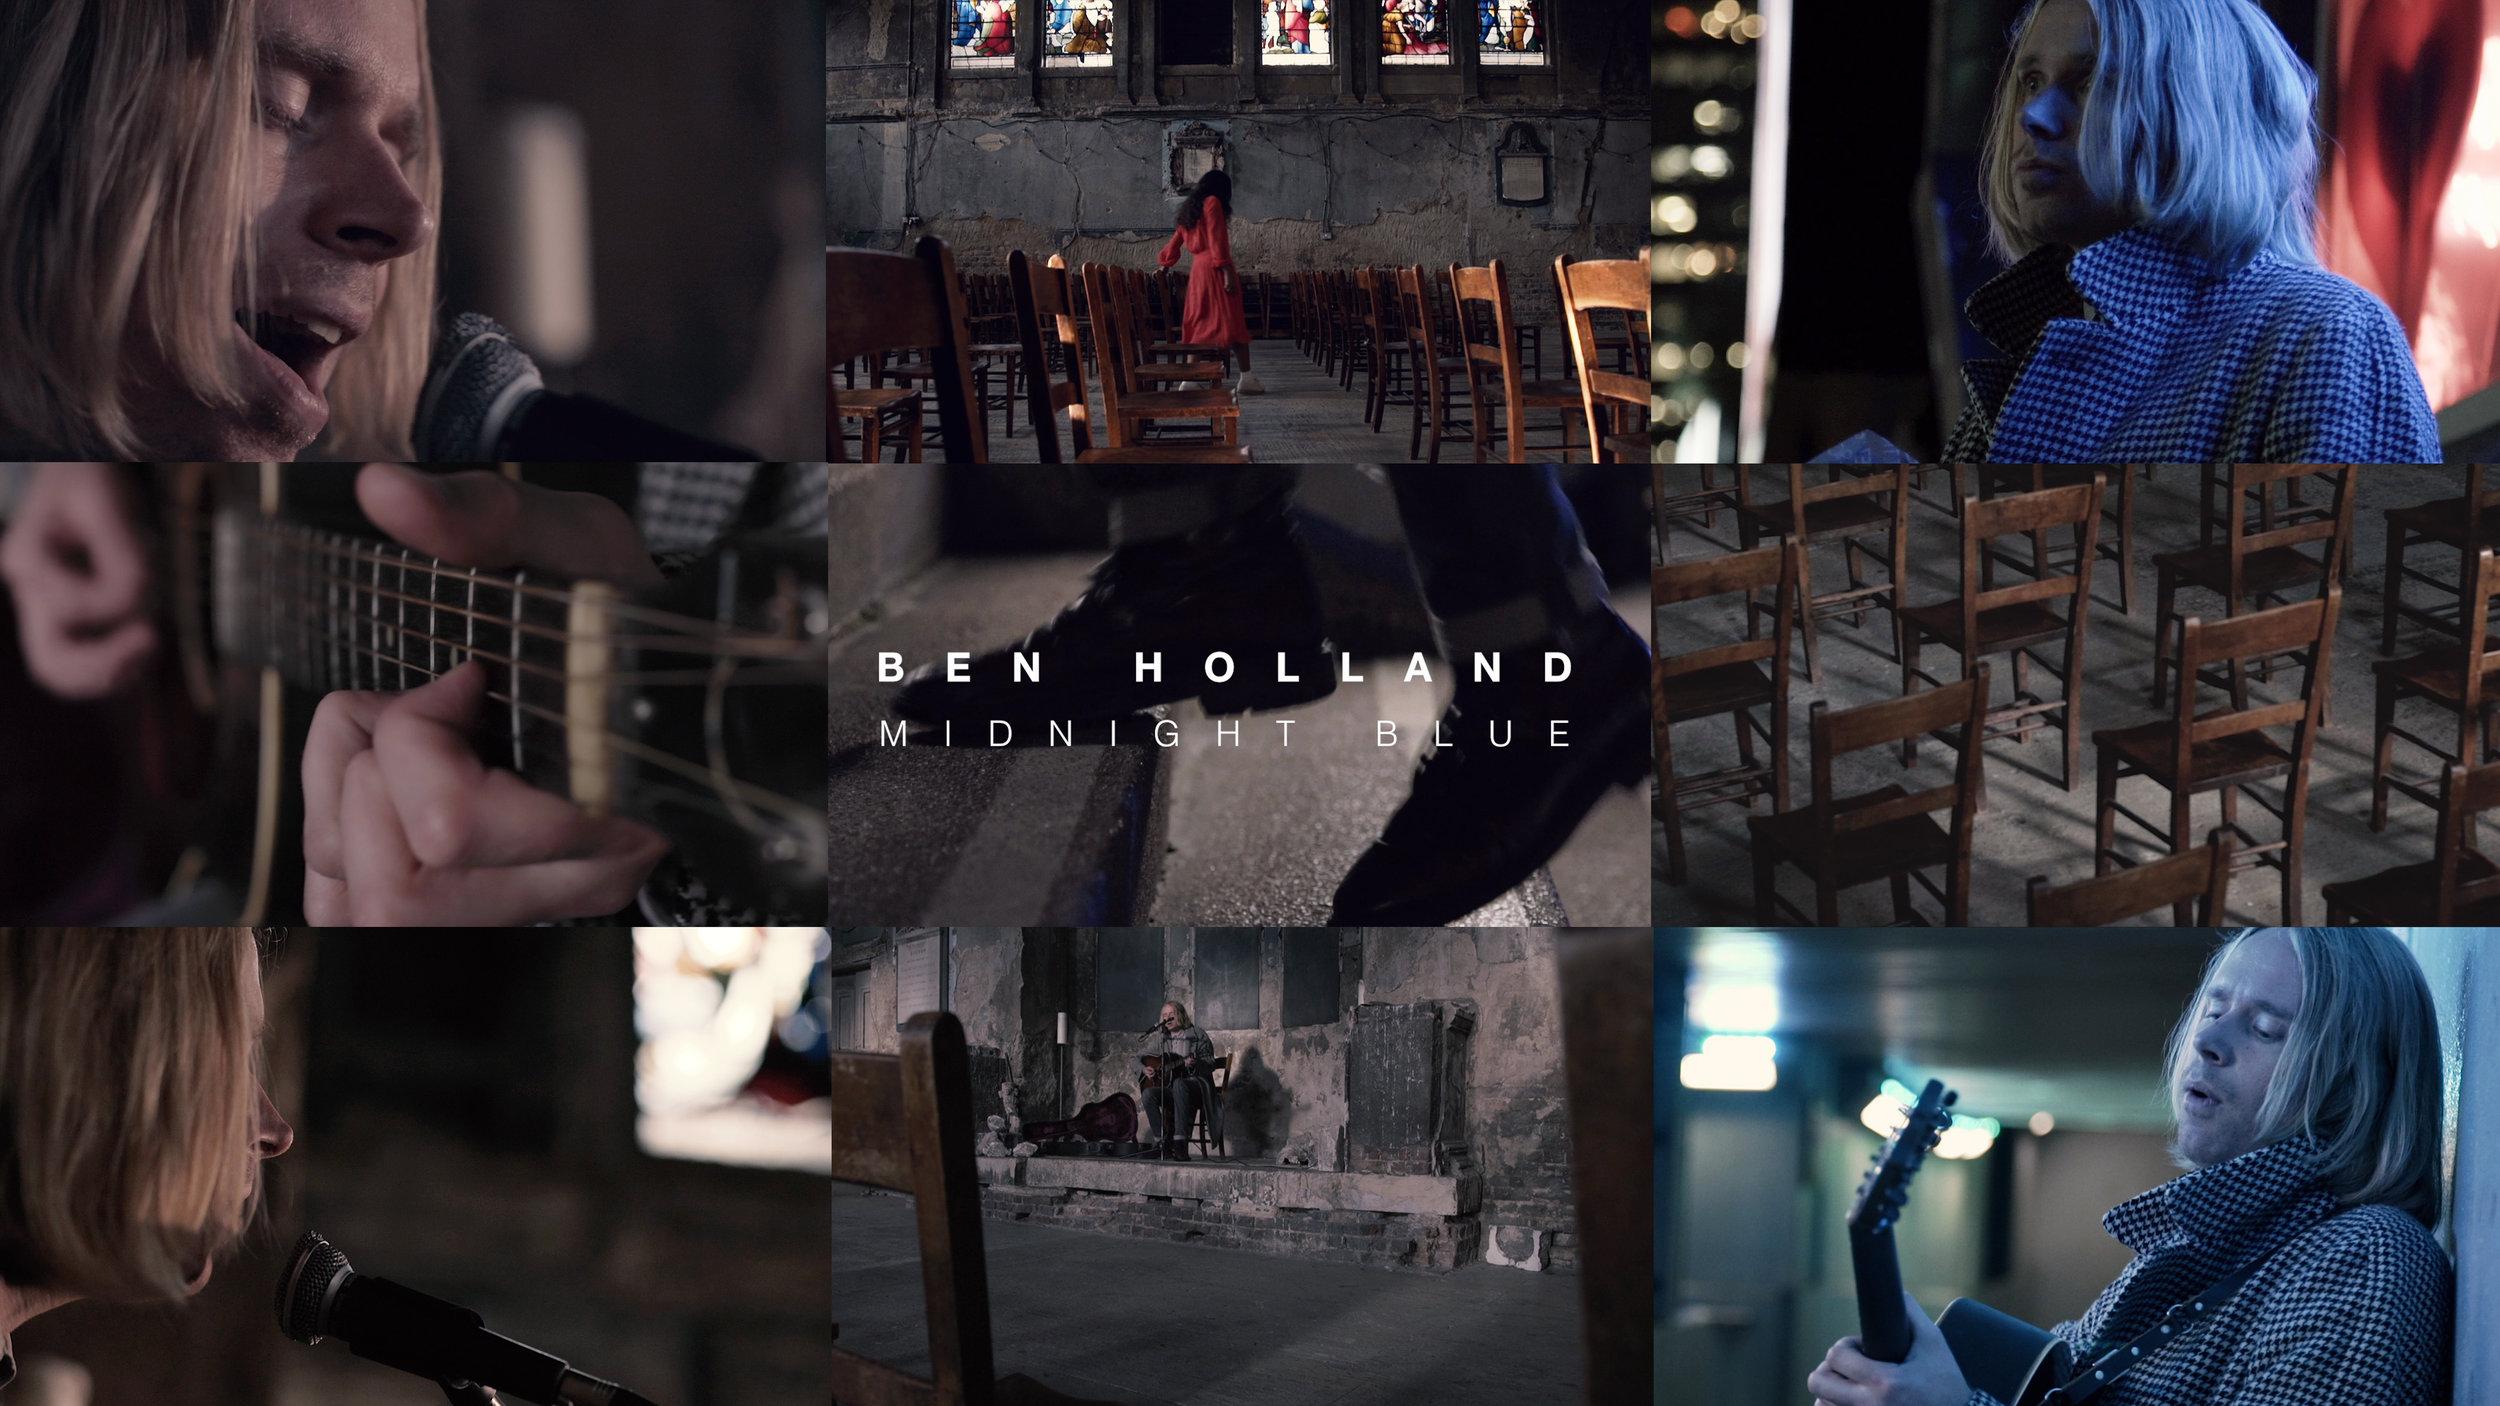 Ben_Holland_Contact_Sheet.jpg